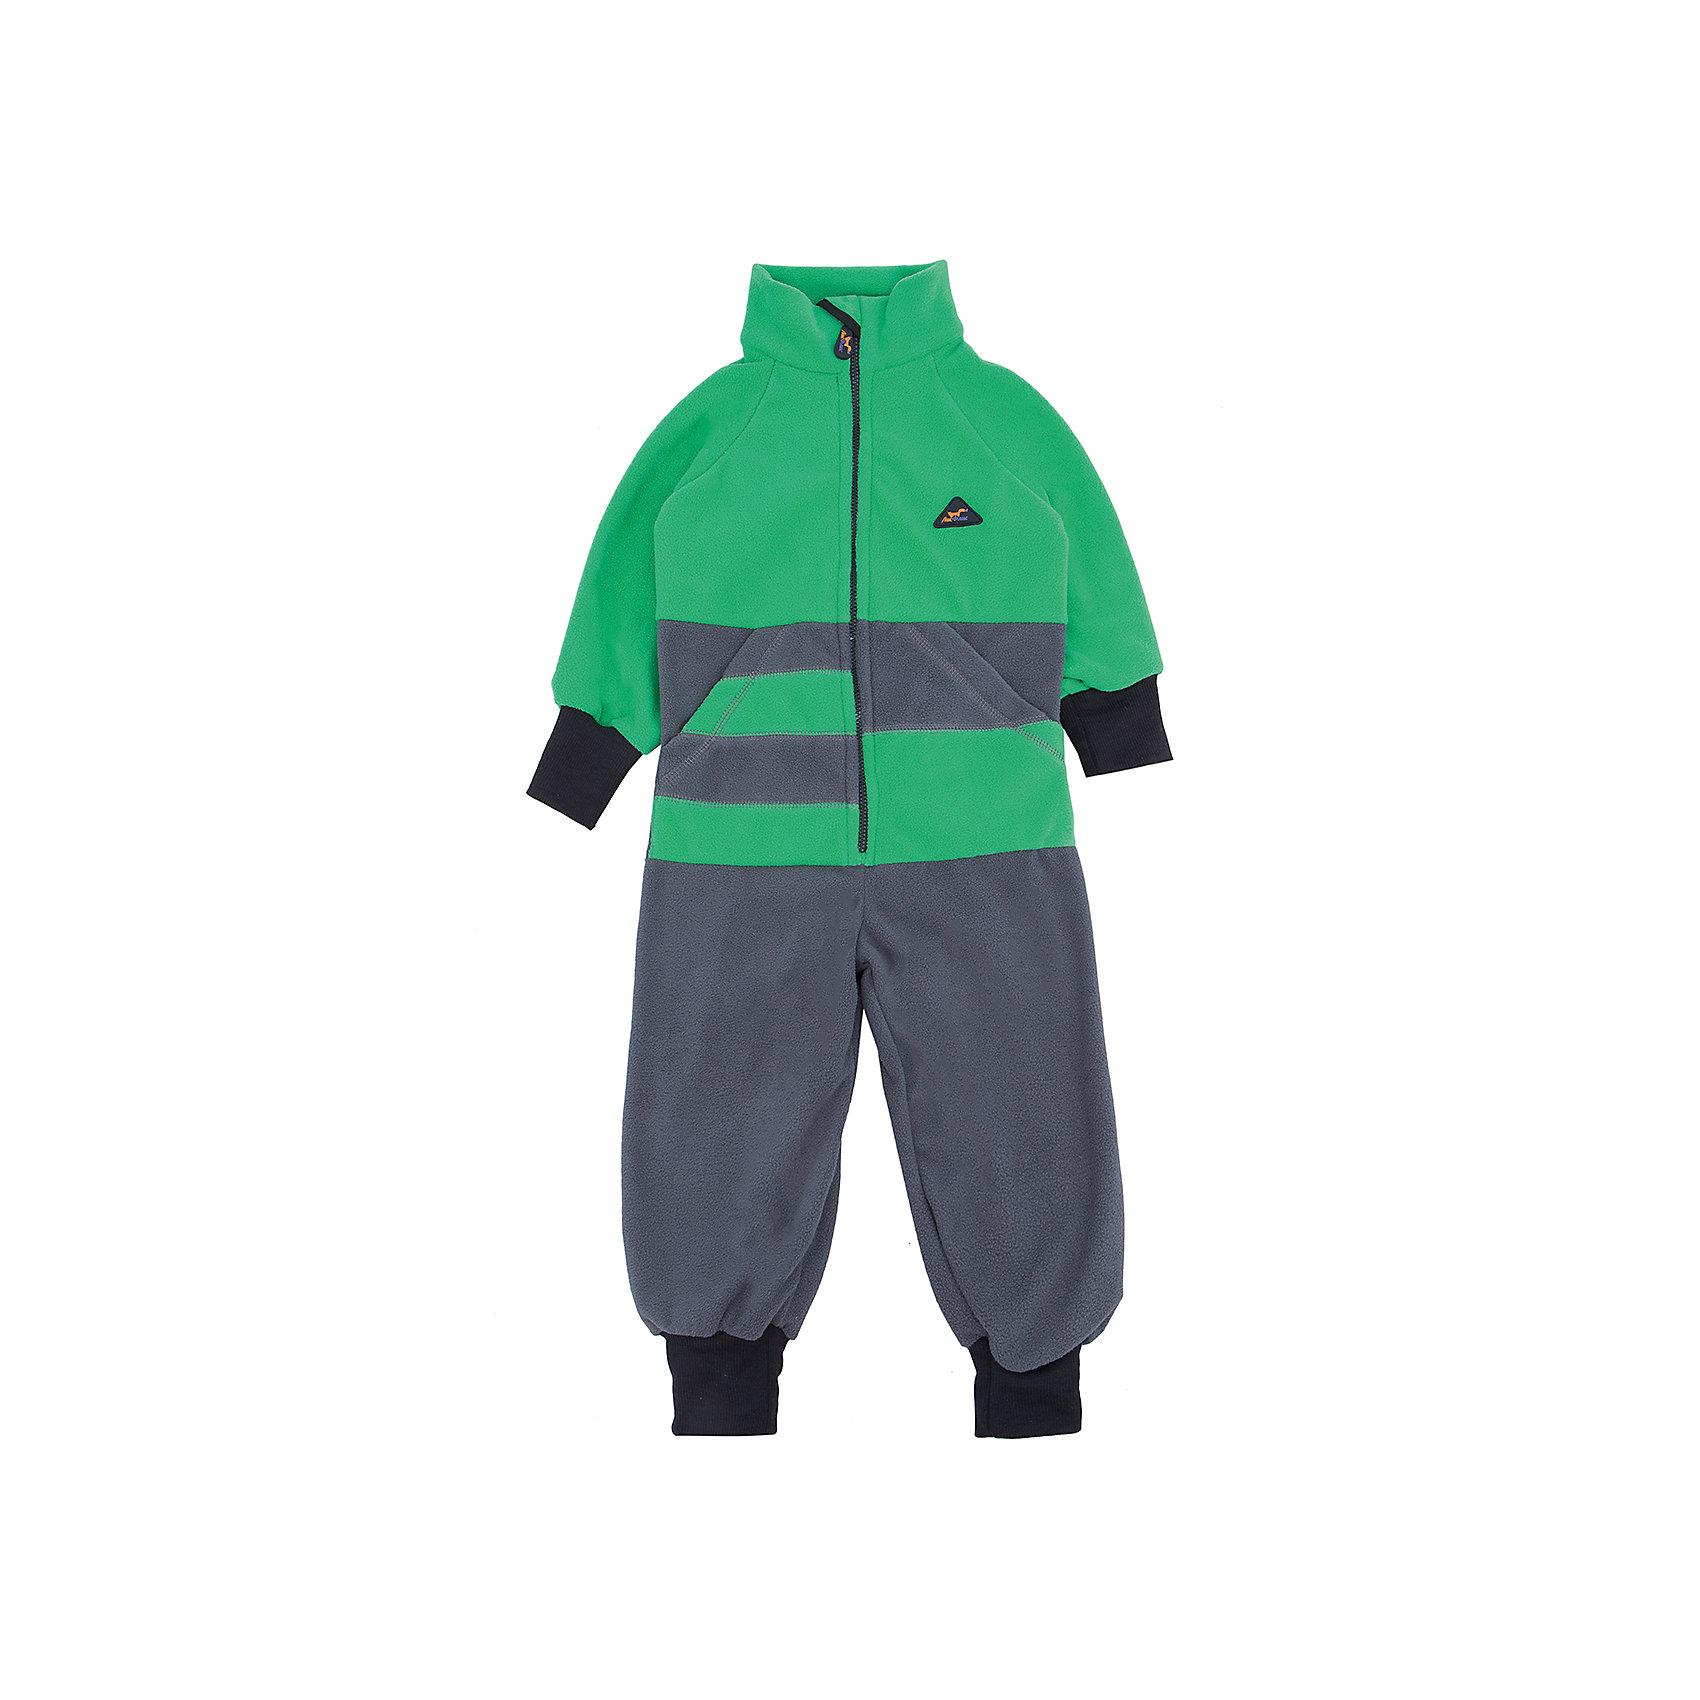 Комбинезон Полоска ЛисФлисХарактеристики комбинезона:<br><br>- пол: для девочек, для мальчиков<br>- комплект: комбинезон<br>- длина рукава: длинные<br>- цвет: зеленый/синий<br>- вид застежки: молния<br>- материал: флис<br>- уход: предварительная стирка<br>- рисунок: без рисунка<br>- утеплитель: без утепления<br>- назначение: повседневная<br>- сезон: круглогодичный<br>- страна бренда: Россия<br>- страна производитель: Россия<br><br>Комбинезон торговой марки ЛисФлис очень мягкий, легкий, теплый! Комплект выполнен из двустороннего микрофлиса, 180 гр. Изделие дополнено манжетами на рукавах и штанинах, защитой-стоппером от молнии. Комбинезон оформлен интересным дизайнерским решением на передней части кофты на зеленом фоне имеются темно-синие объемные полосы.<br><br>Комбинезон торговой марки ЛисФлис можно купить в нашем интернет-магазине.<br><br>Ширина мм: 215<br>Глубина мм: 88<br>Высота мм: 191<br>Вес г: 336<br>Цвет: grau/gr?n<br>Возраст от месяцев: 24<br>Возраст до месяцев: 36<br>Пол: Унисекс<br>Возраст: Детский<br>Размер: 98,80,134,128,122,116,110,104,92,86<br>SKU: 4939366